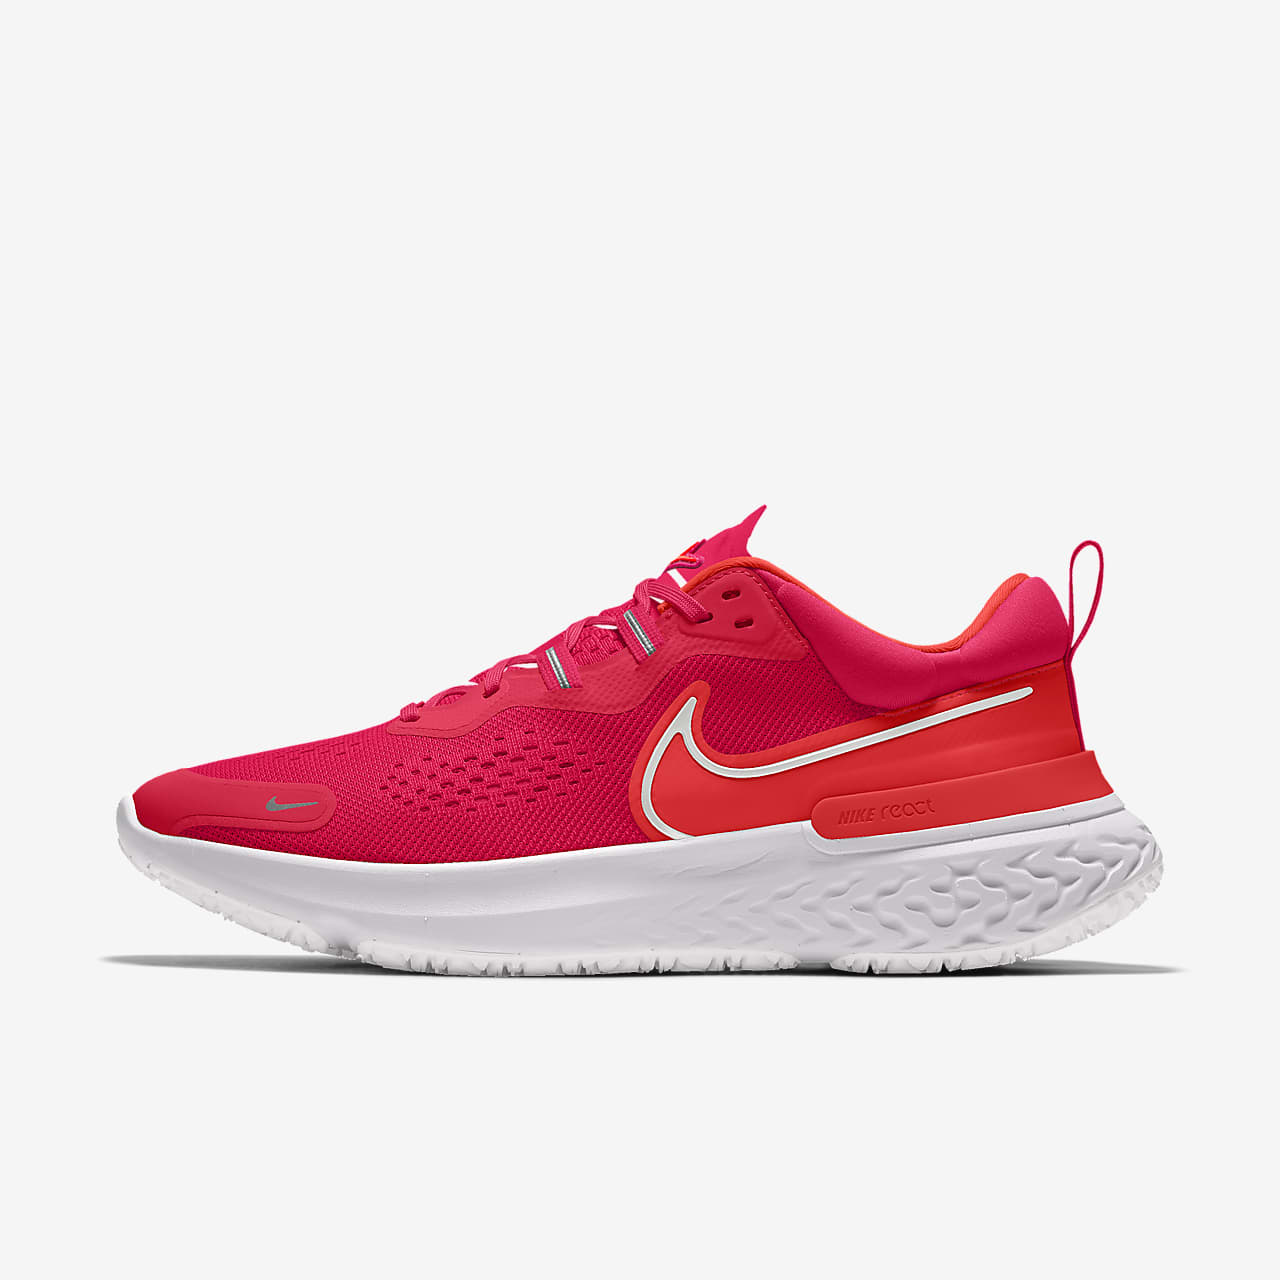 Nike React Miler 2 By You tilpasset løpesko til dame